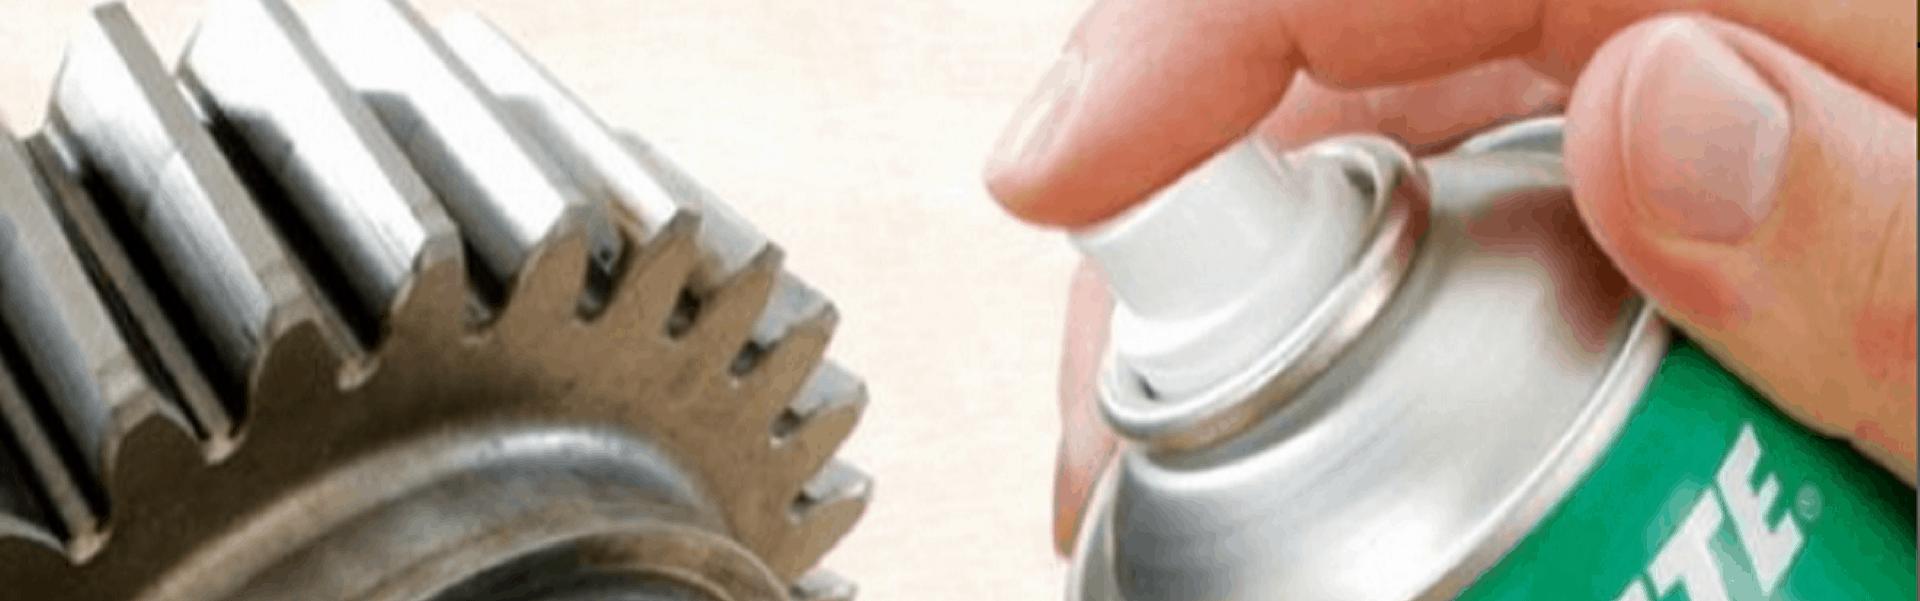 Solvente Odorless Mineral Spirt